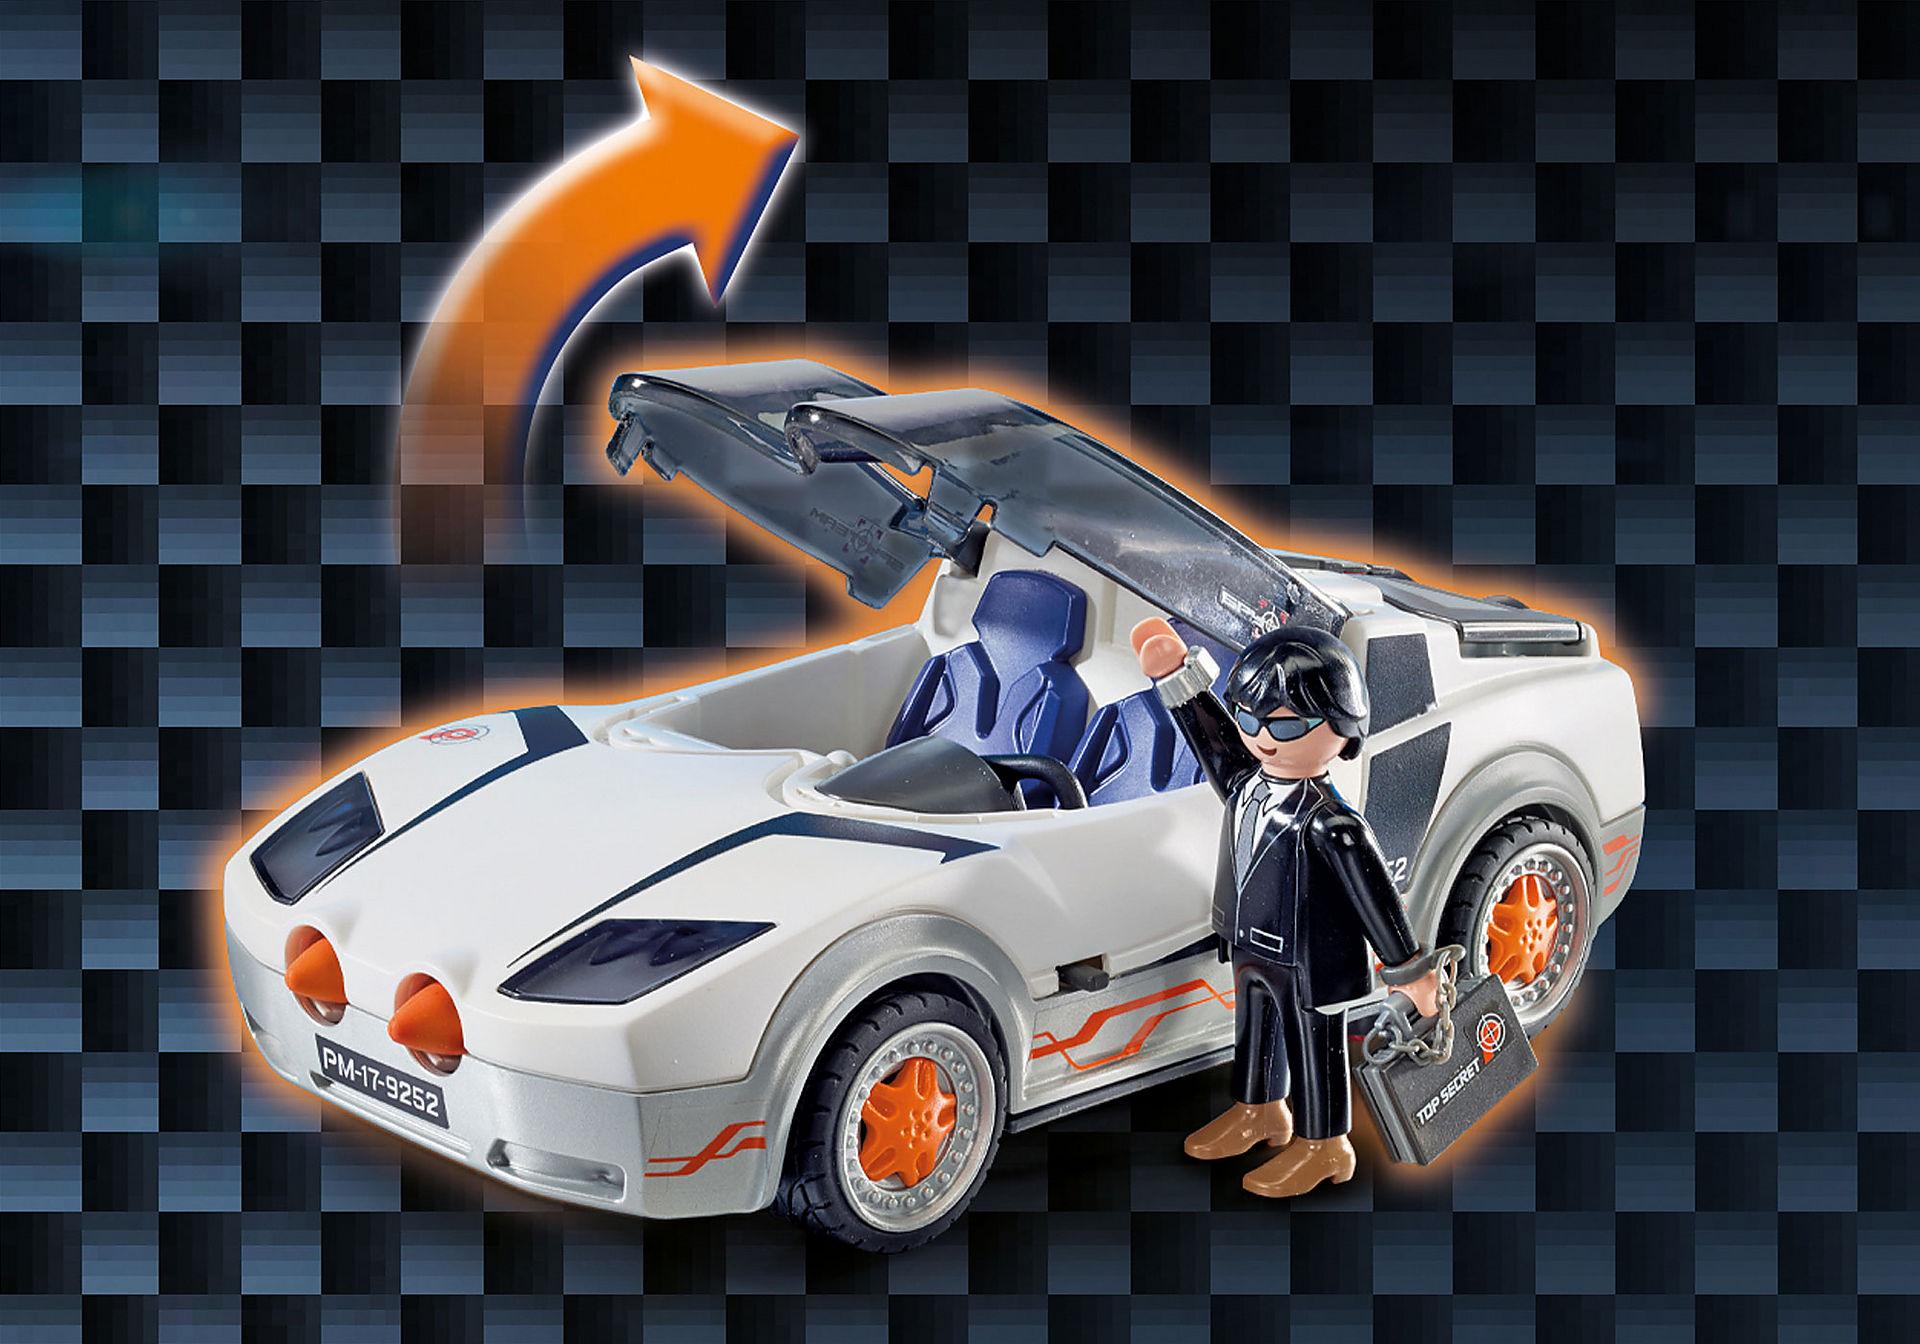 http://media.playmobil.com/i/playmobil/9252_product_extra4/Agent P. i racer